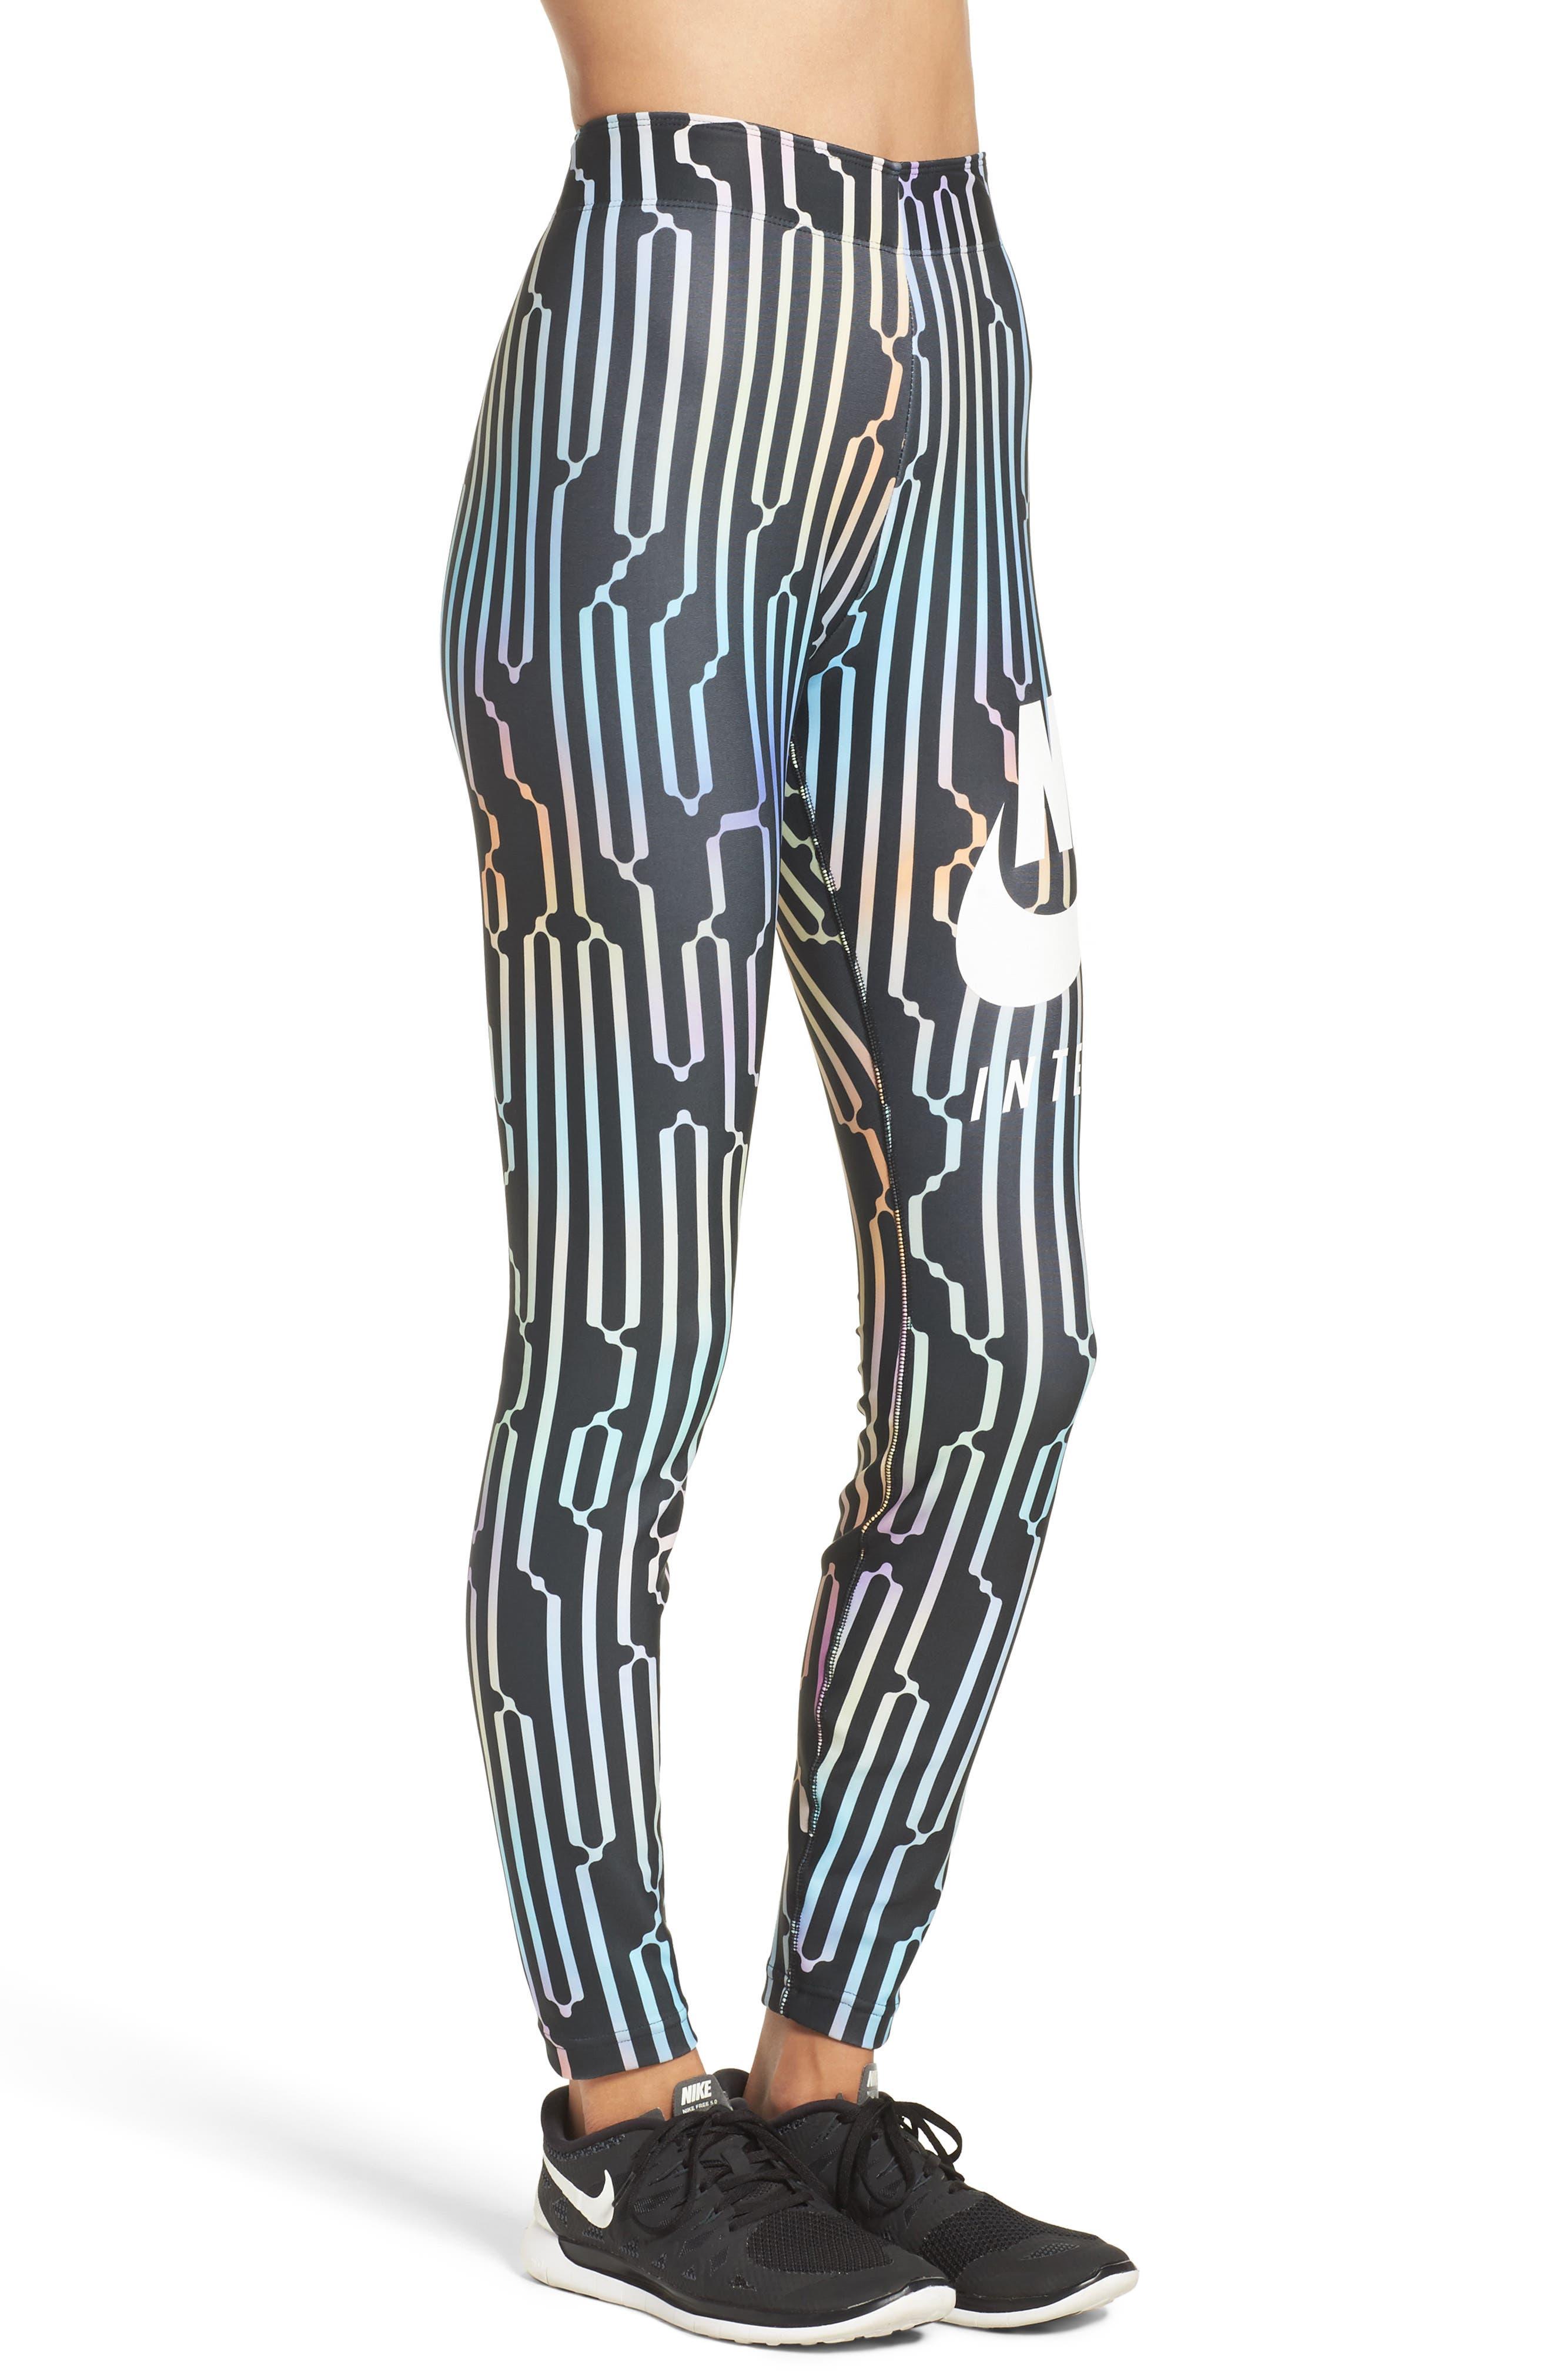 International Leggings,                             Alternate thumbnail 3, color,                             Black/ White